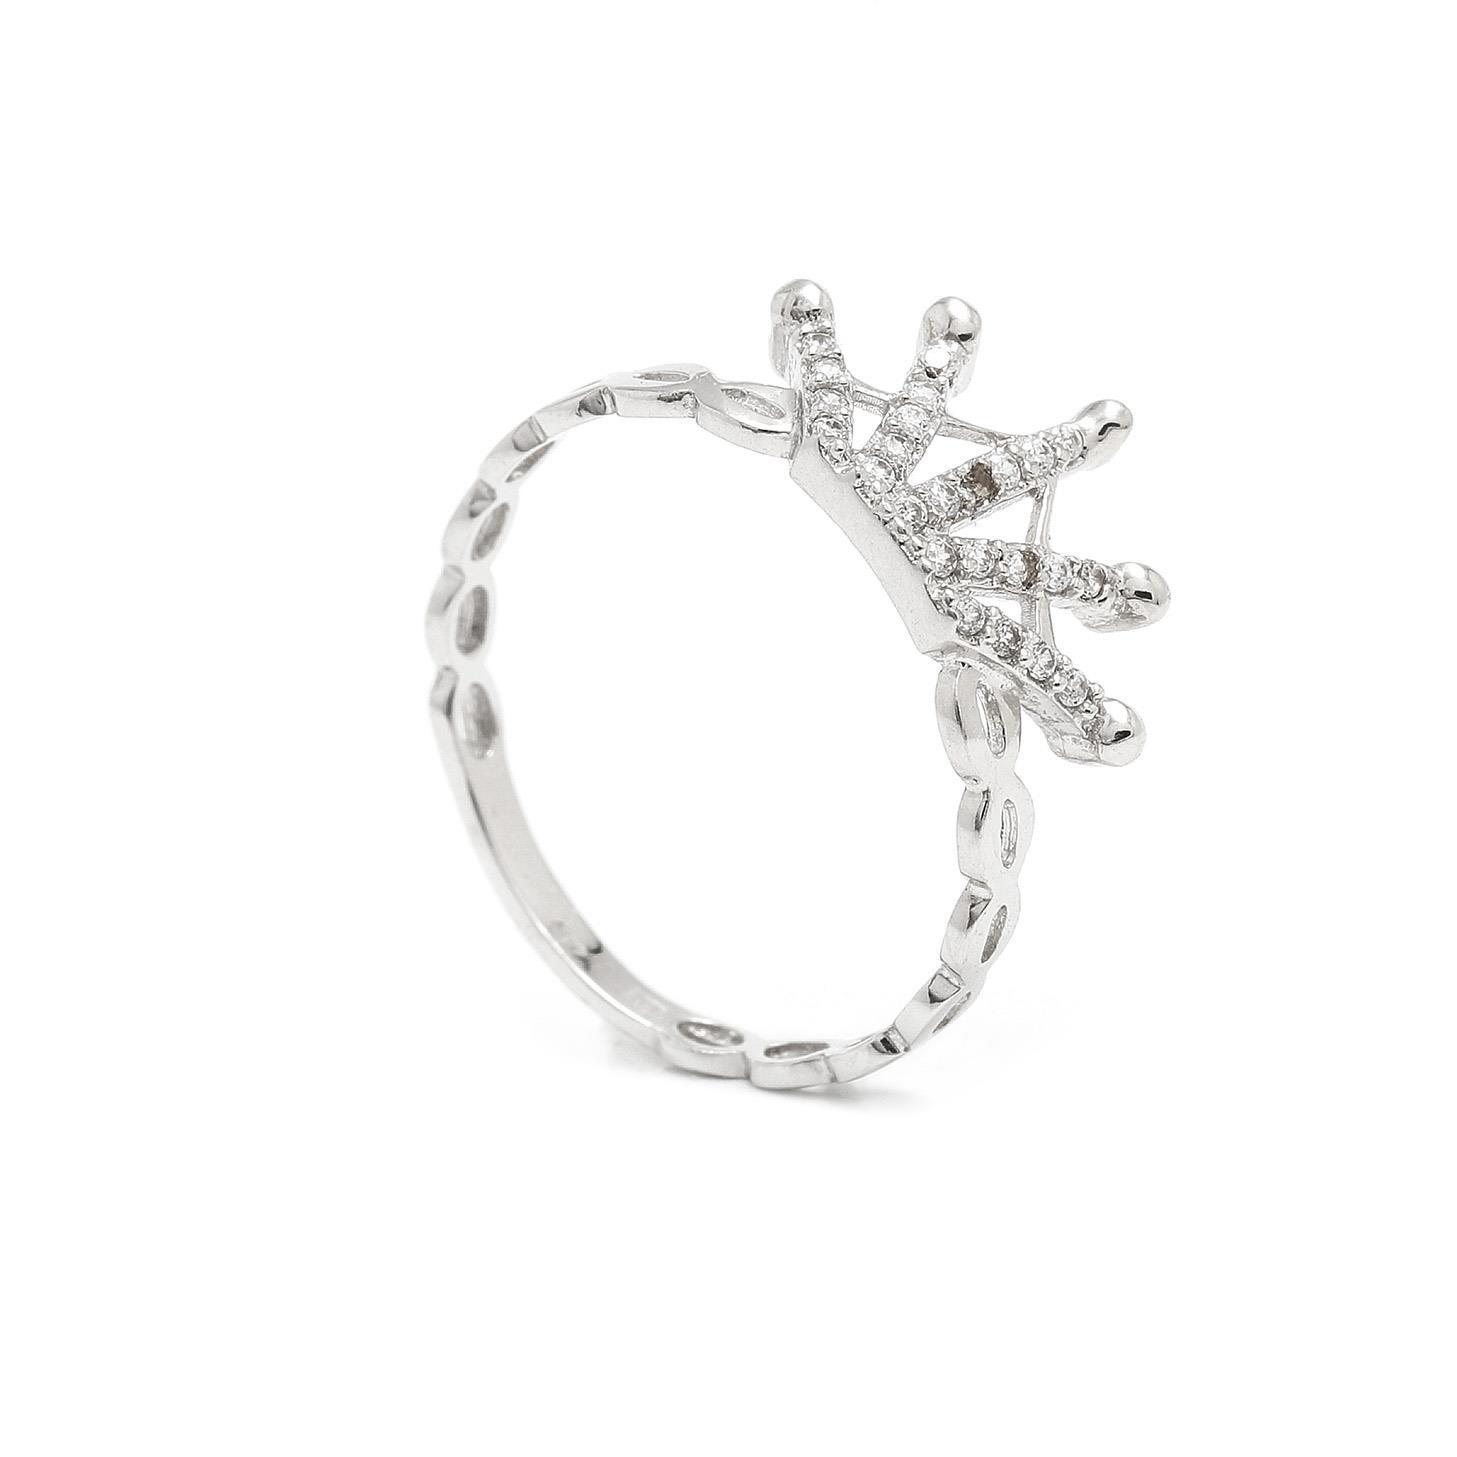 Zlatý dámsky prsteň IMPERIAL white 7PB00306